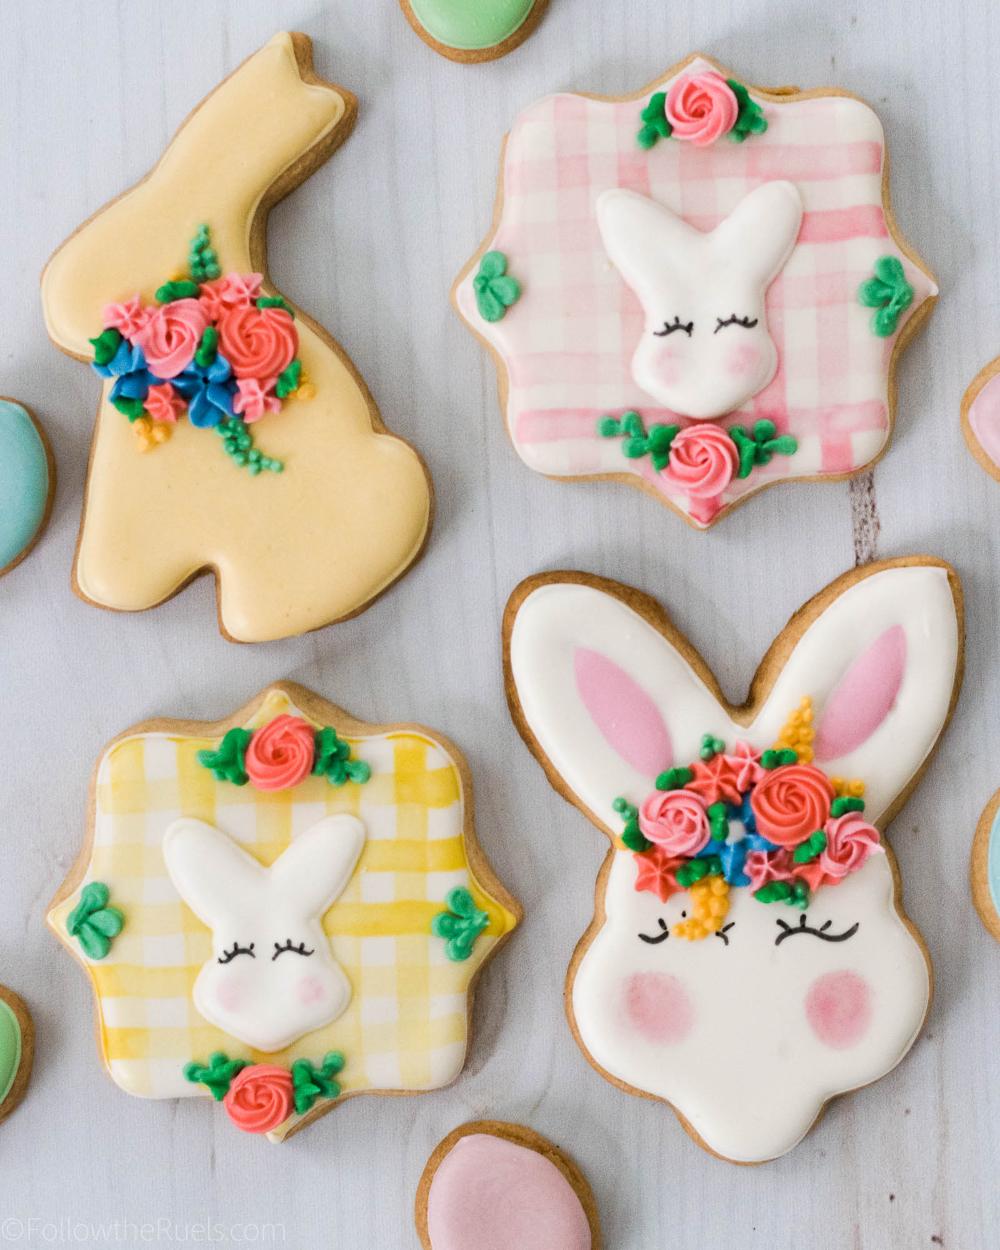 Flower Crown Easter Bunny Cookies In 2021 Easter Bunny Cookies Easter Bunny Cookies Decorated Bunny Cookies